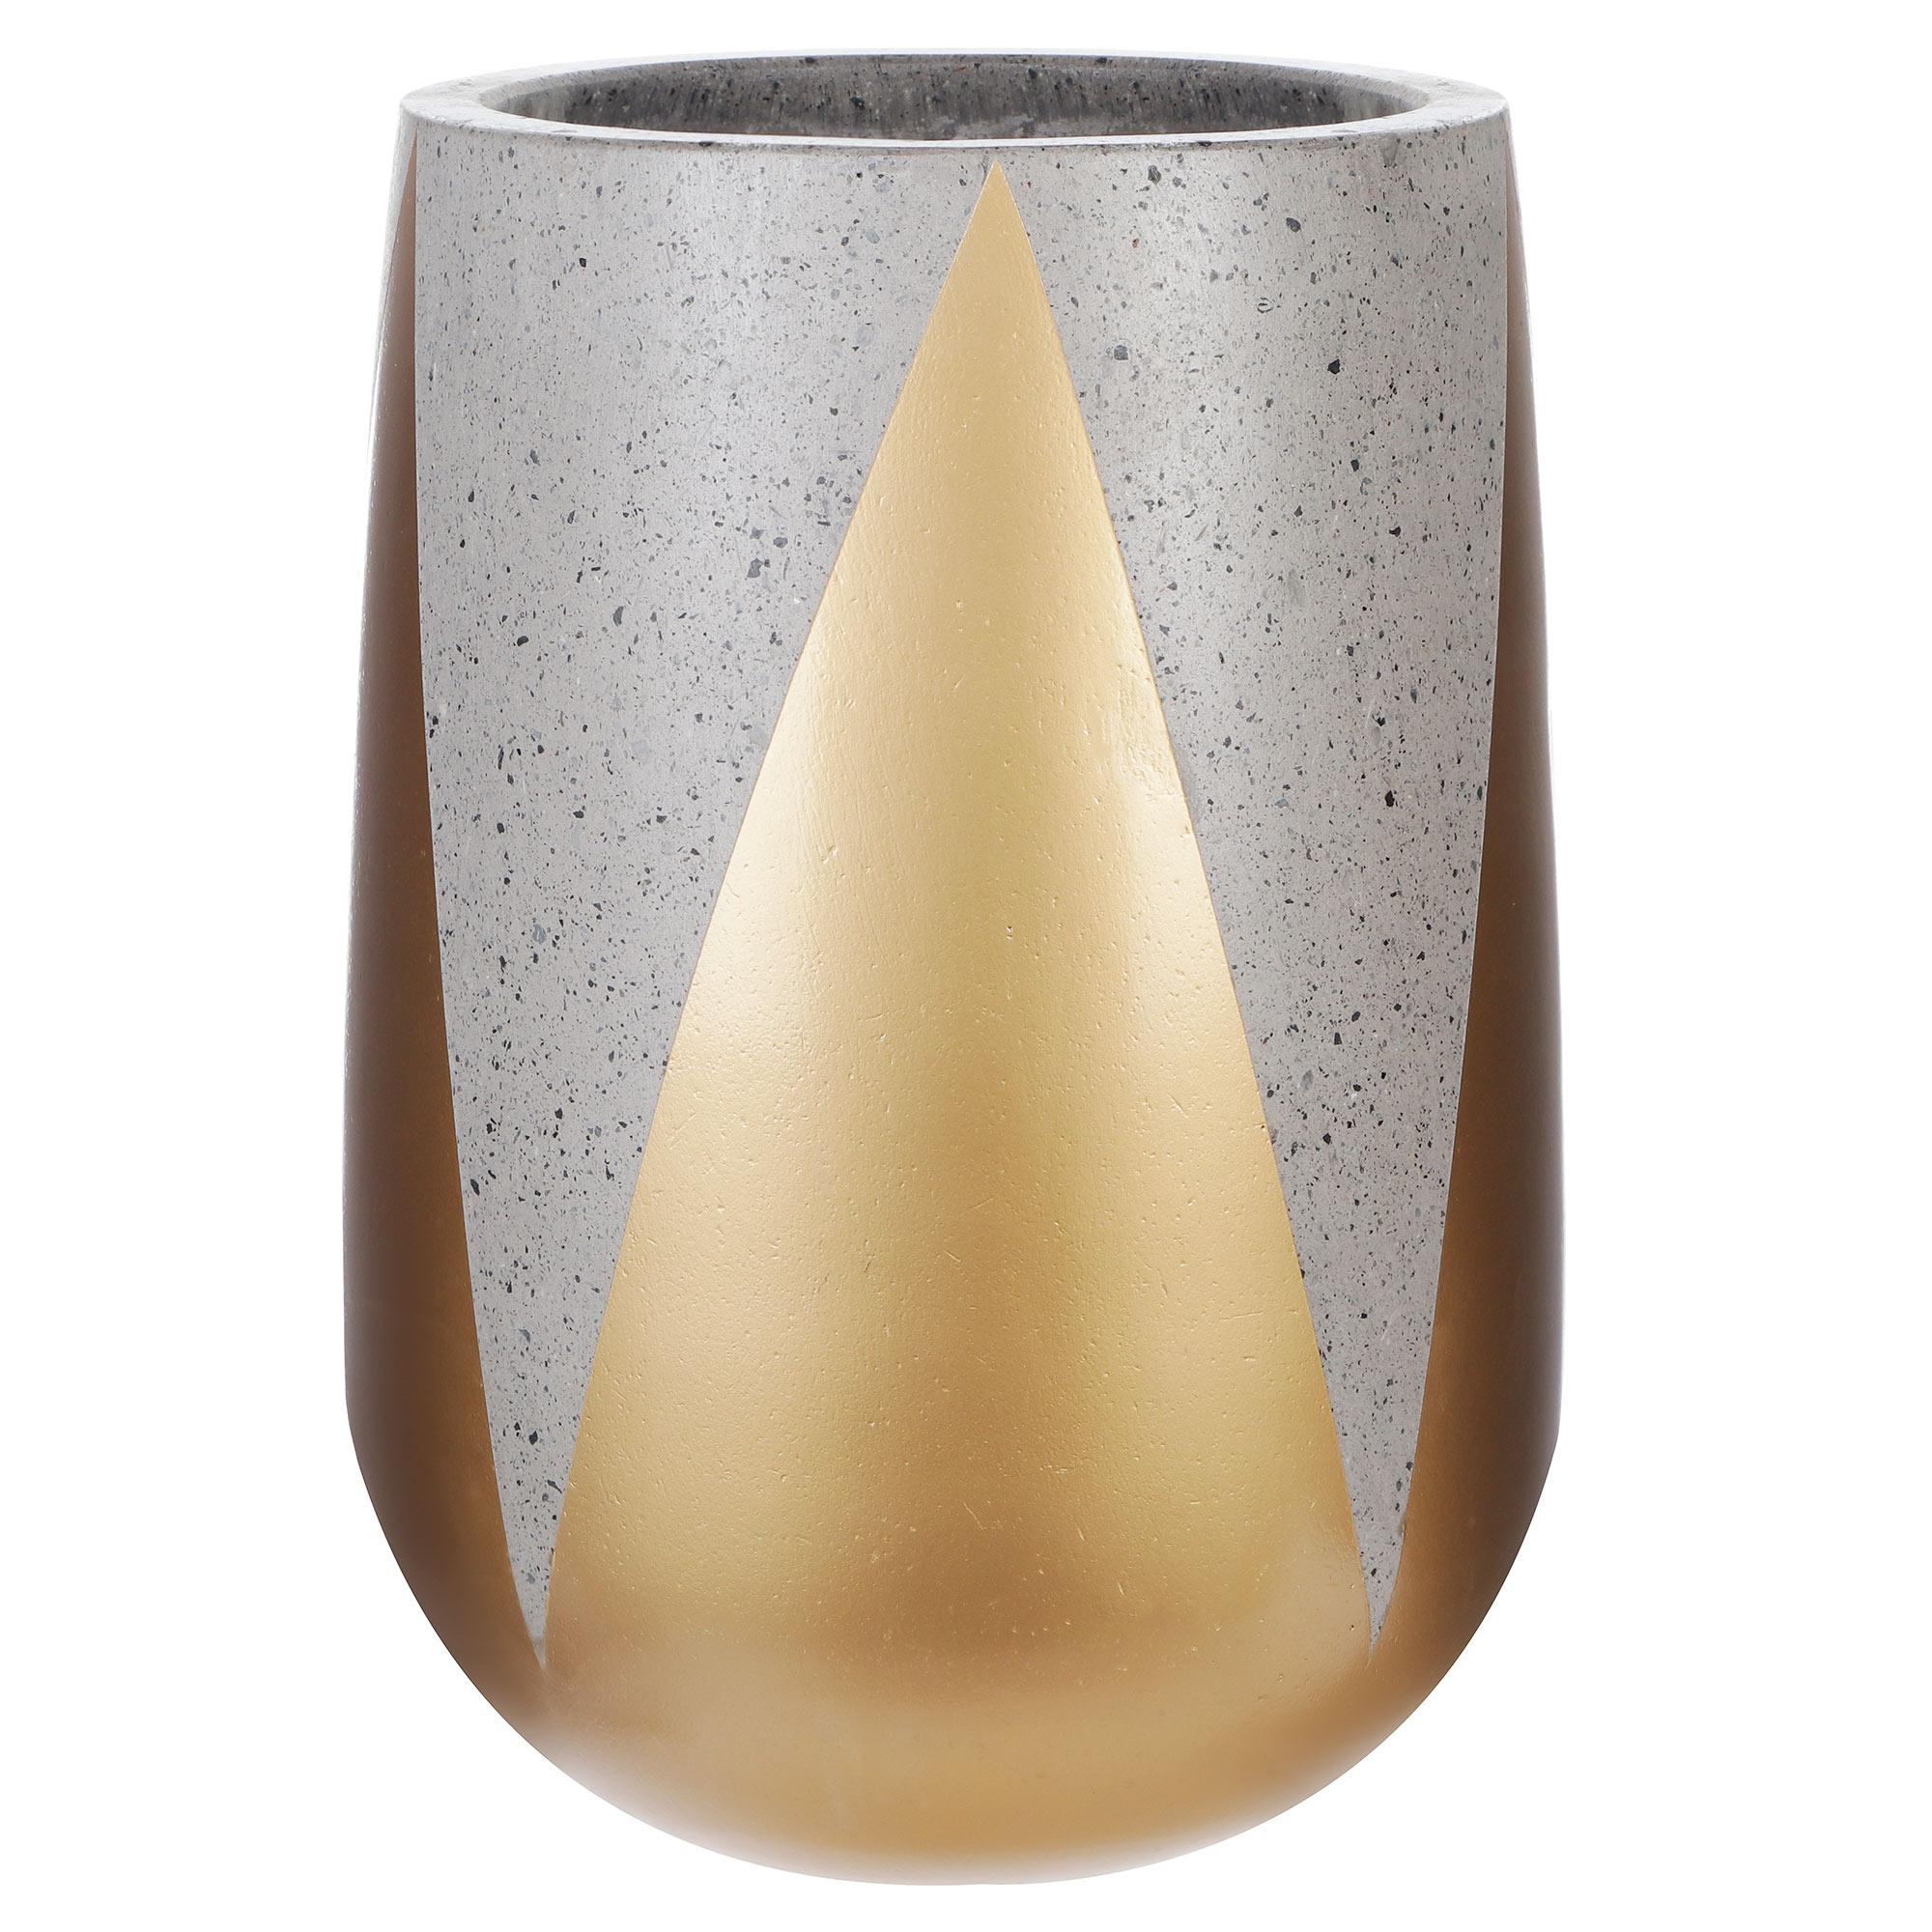 Кашпо Hoang pottery высокое 25x35 см бетон/золото